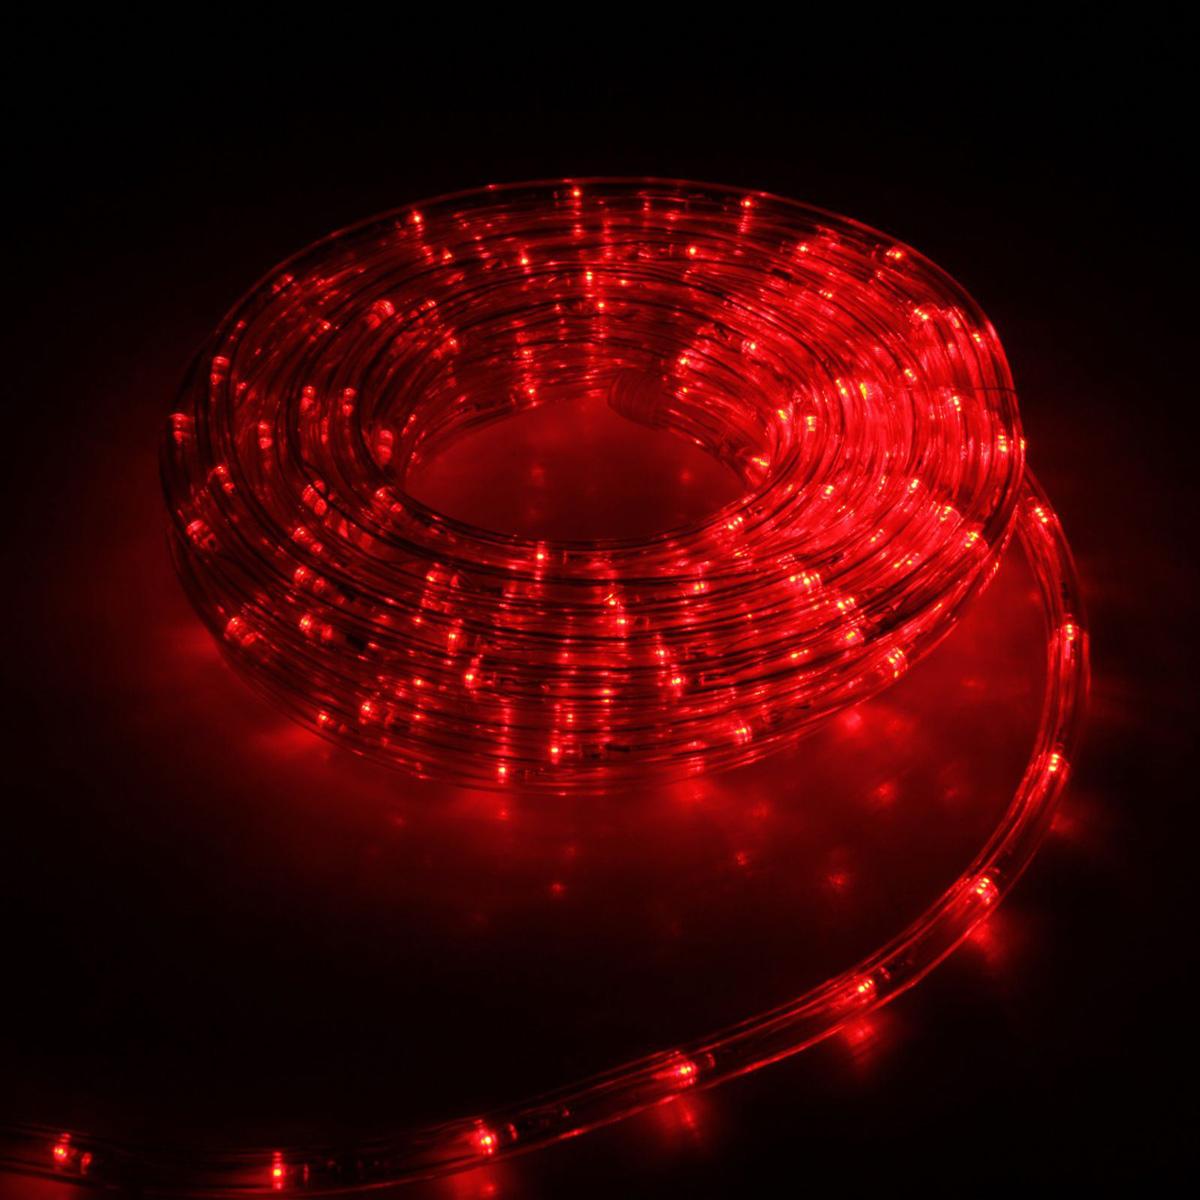 Гирлянда светодиодная Luazon, 440 ламп, 8 режимов, 220 V, цвет: красный, 1 см х 20 м. 15898361589836Гирлянда светодиодная Luazon - это отличный вариант для новогоднего оформления интерьера или фасада. С ее помощью помещение любого размера можно превратить в праздничный зал, а внешние элементы зданий, украшенные гирляндой, мгновенно станут напоминать очертания сказочного дворца. Такое украшение создаст ауру предвкушения чуда. Деревья, фасады, витрины, окна и арки будто специально созданы, чтобы вы украсили их светящимися нитями.